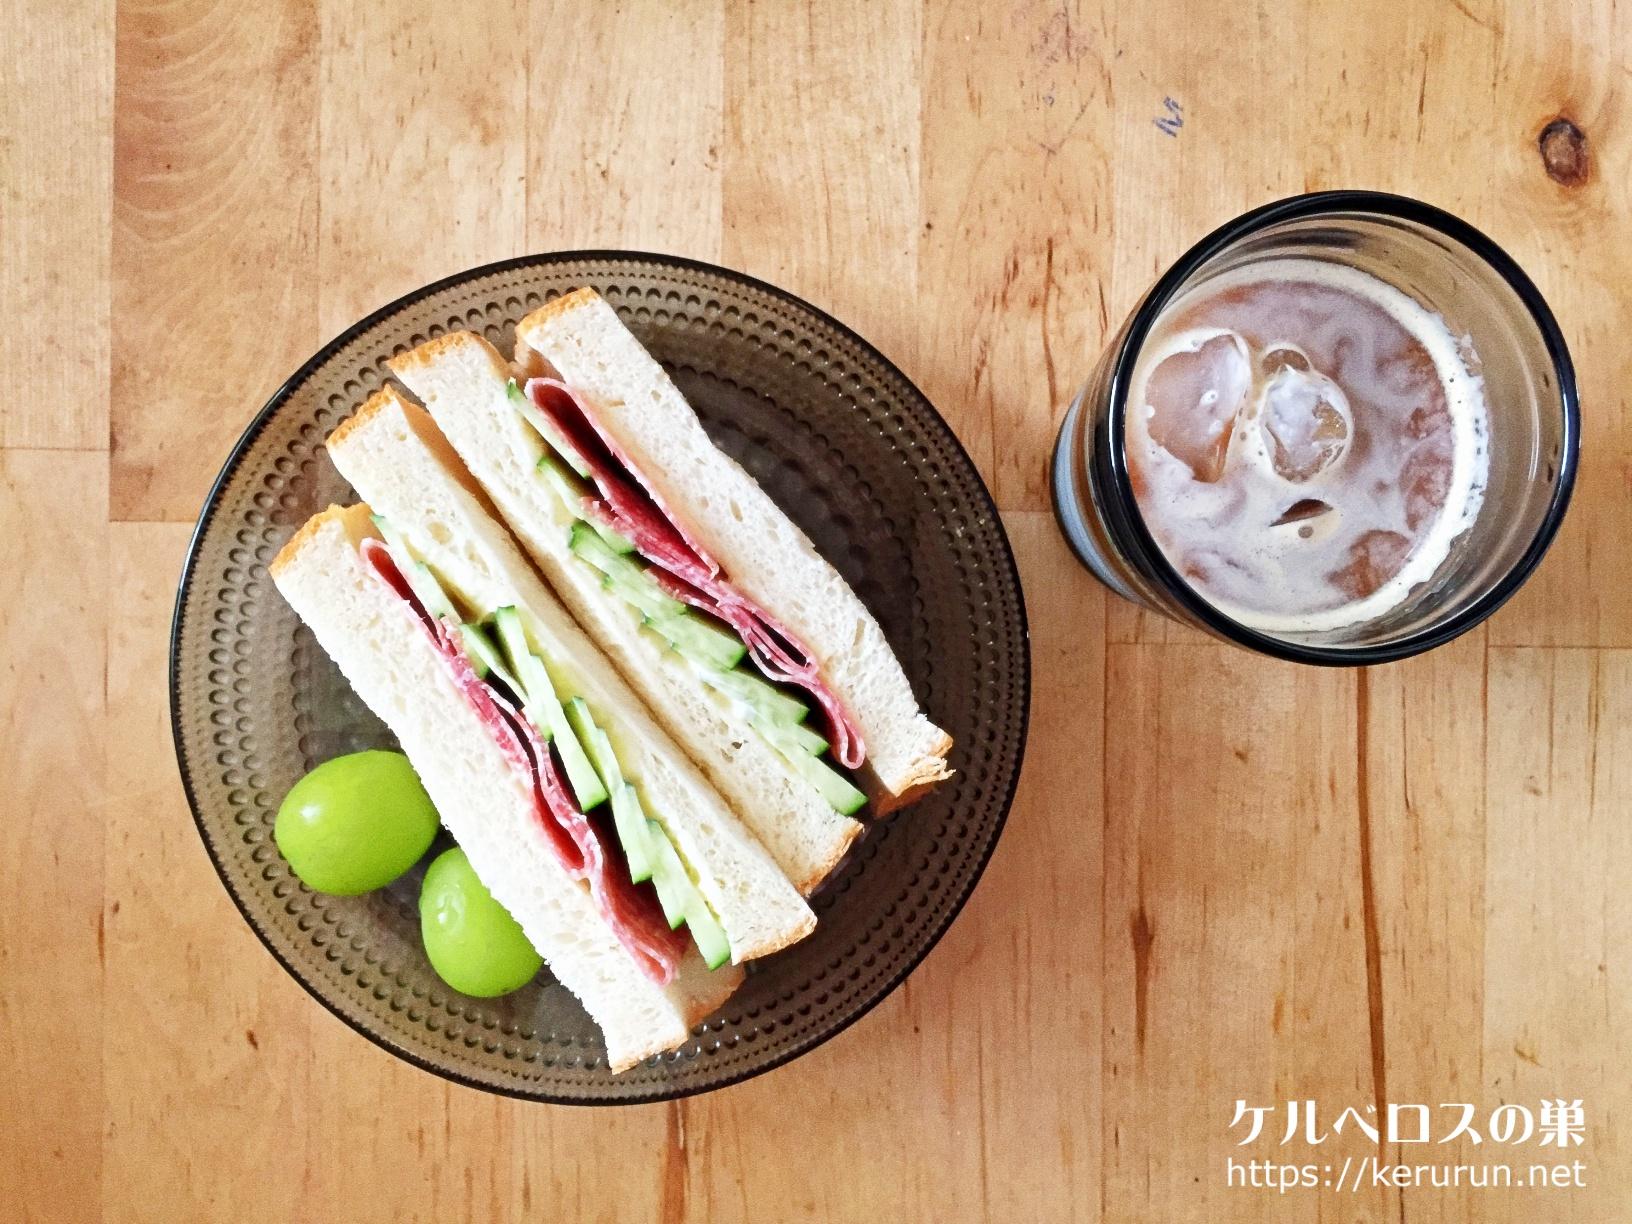 サンドイッチの朝ご飯